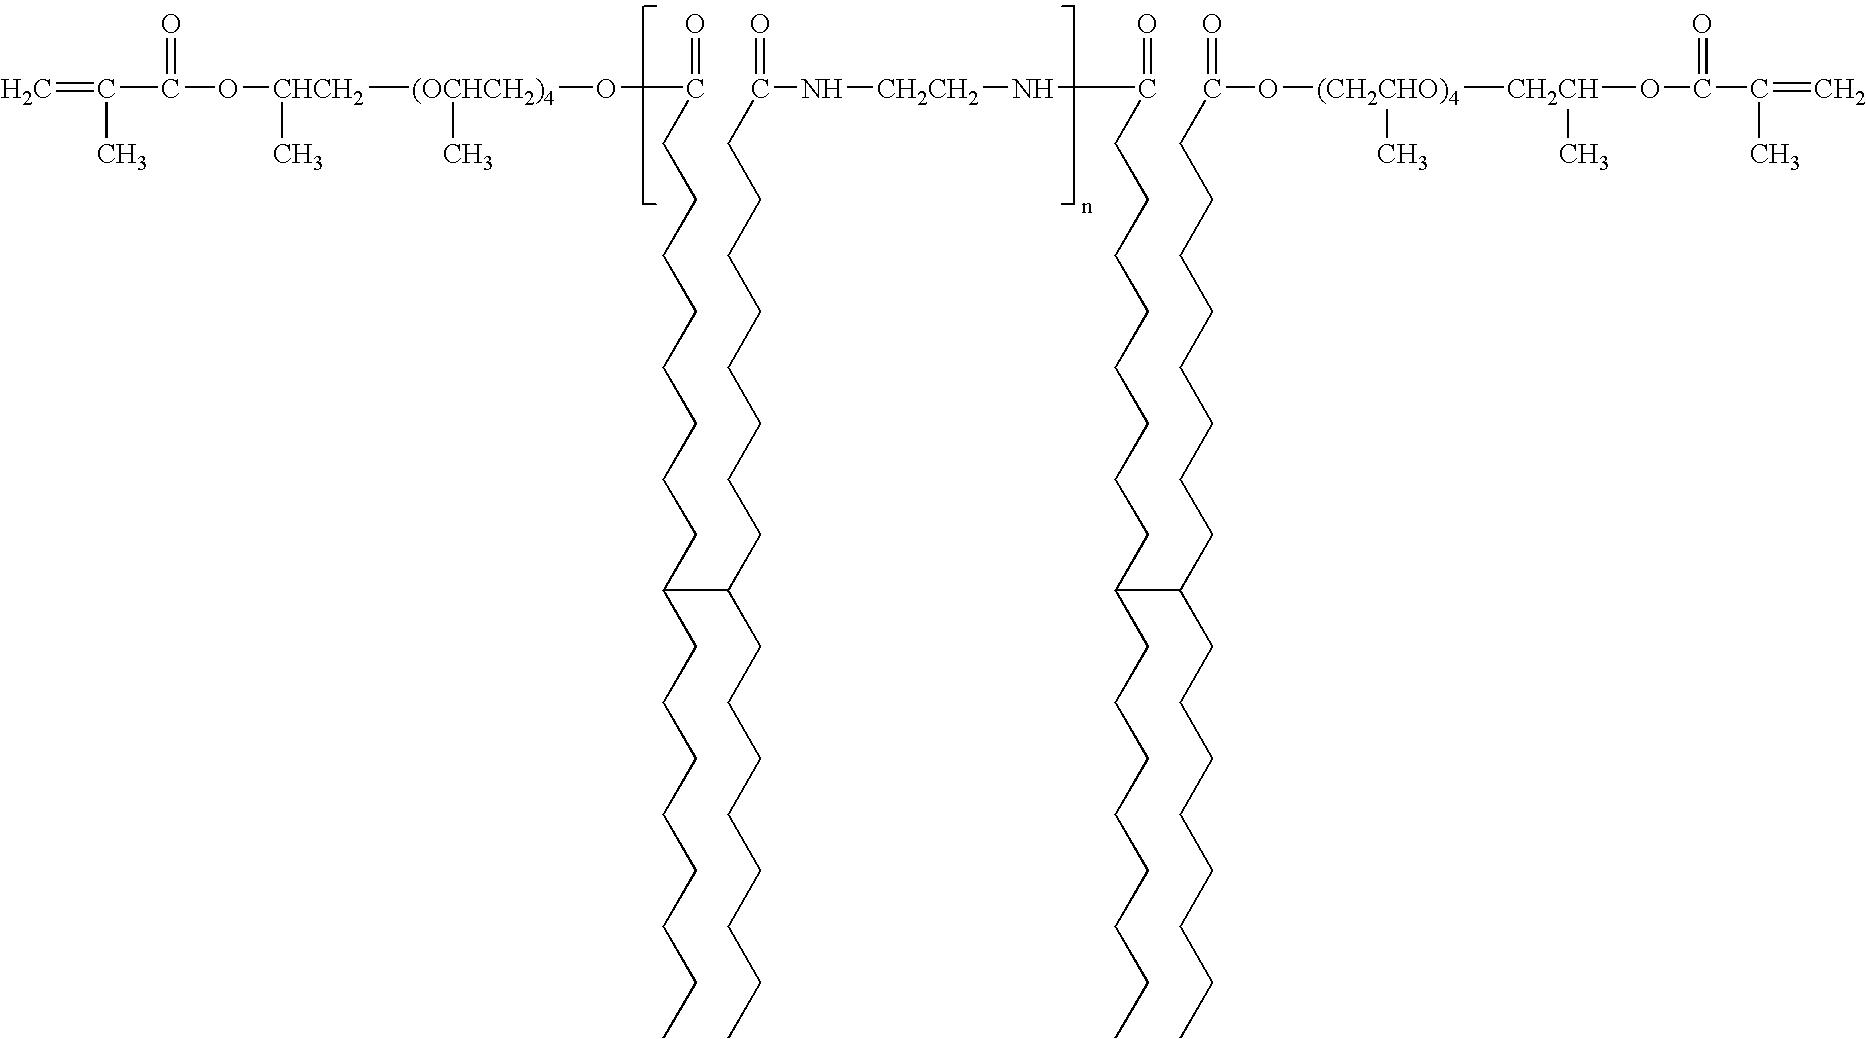 Figure US20070123724A1-20070531-C00051